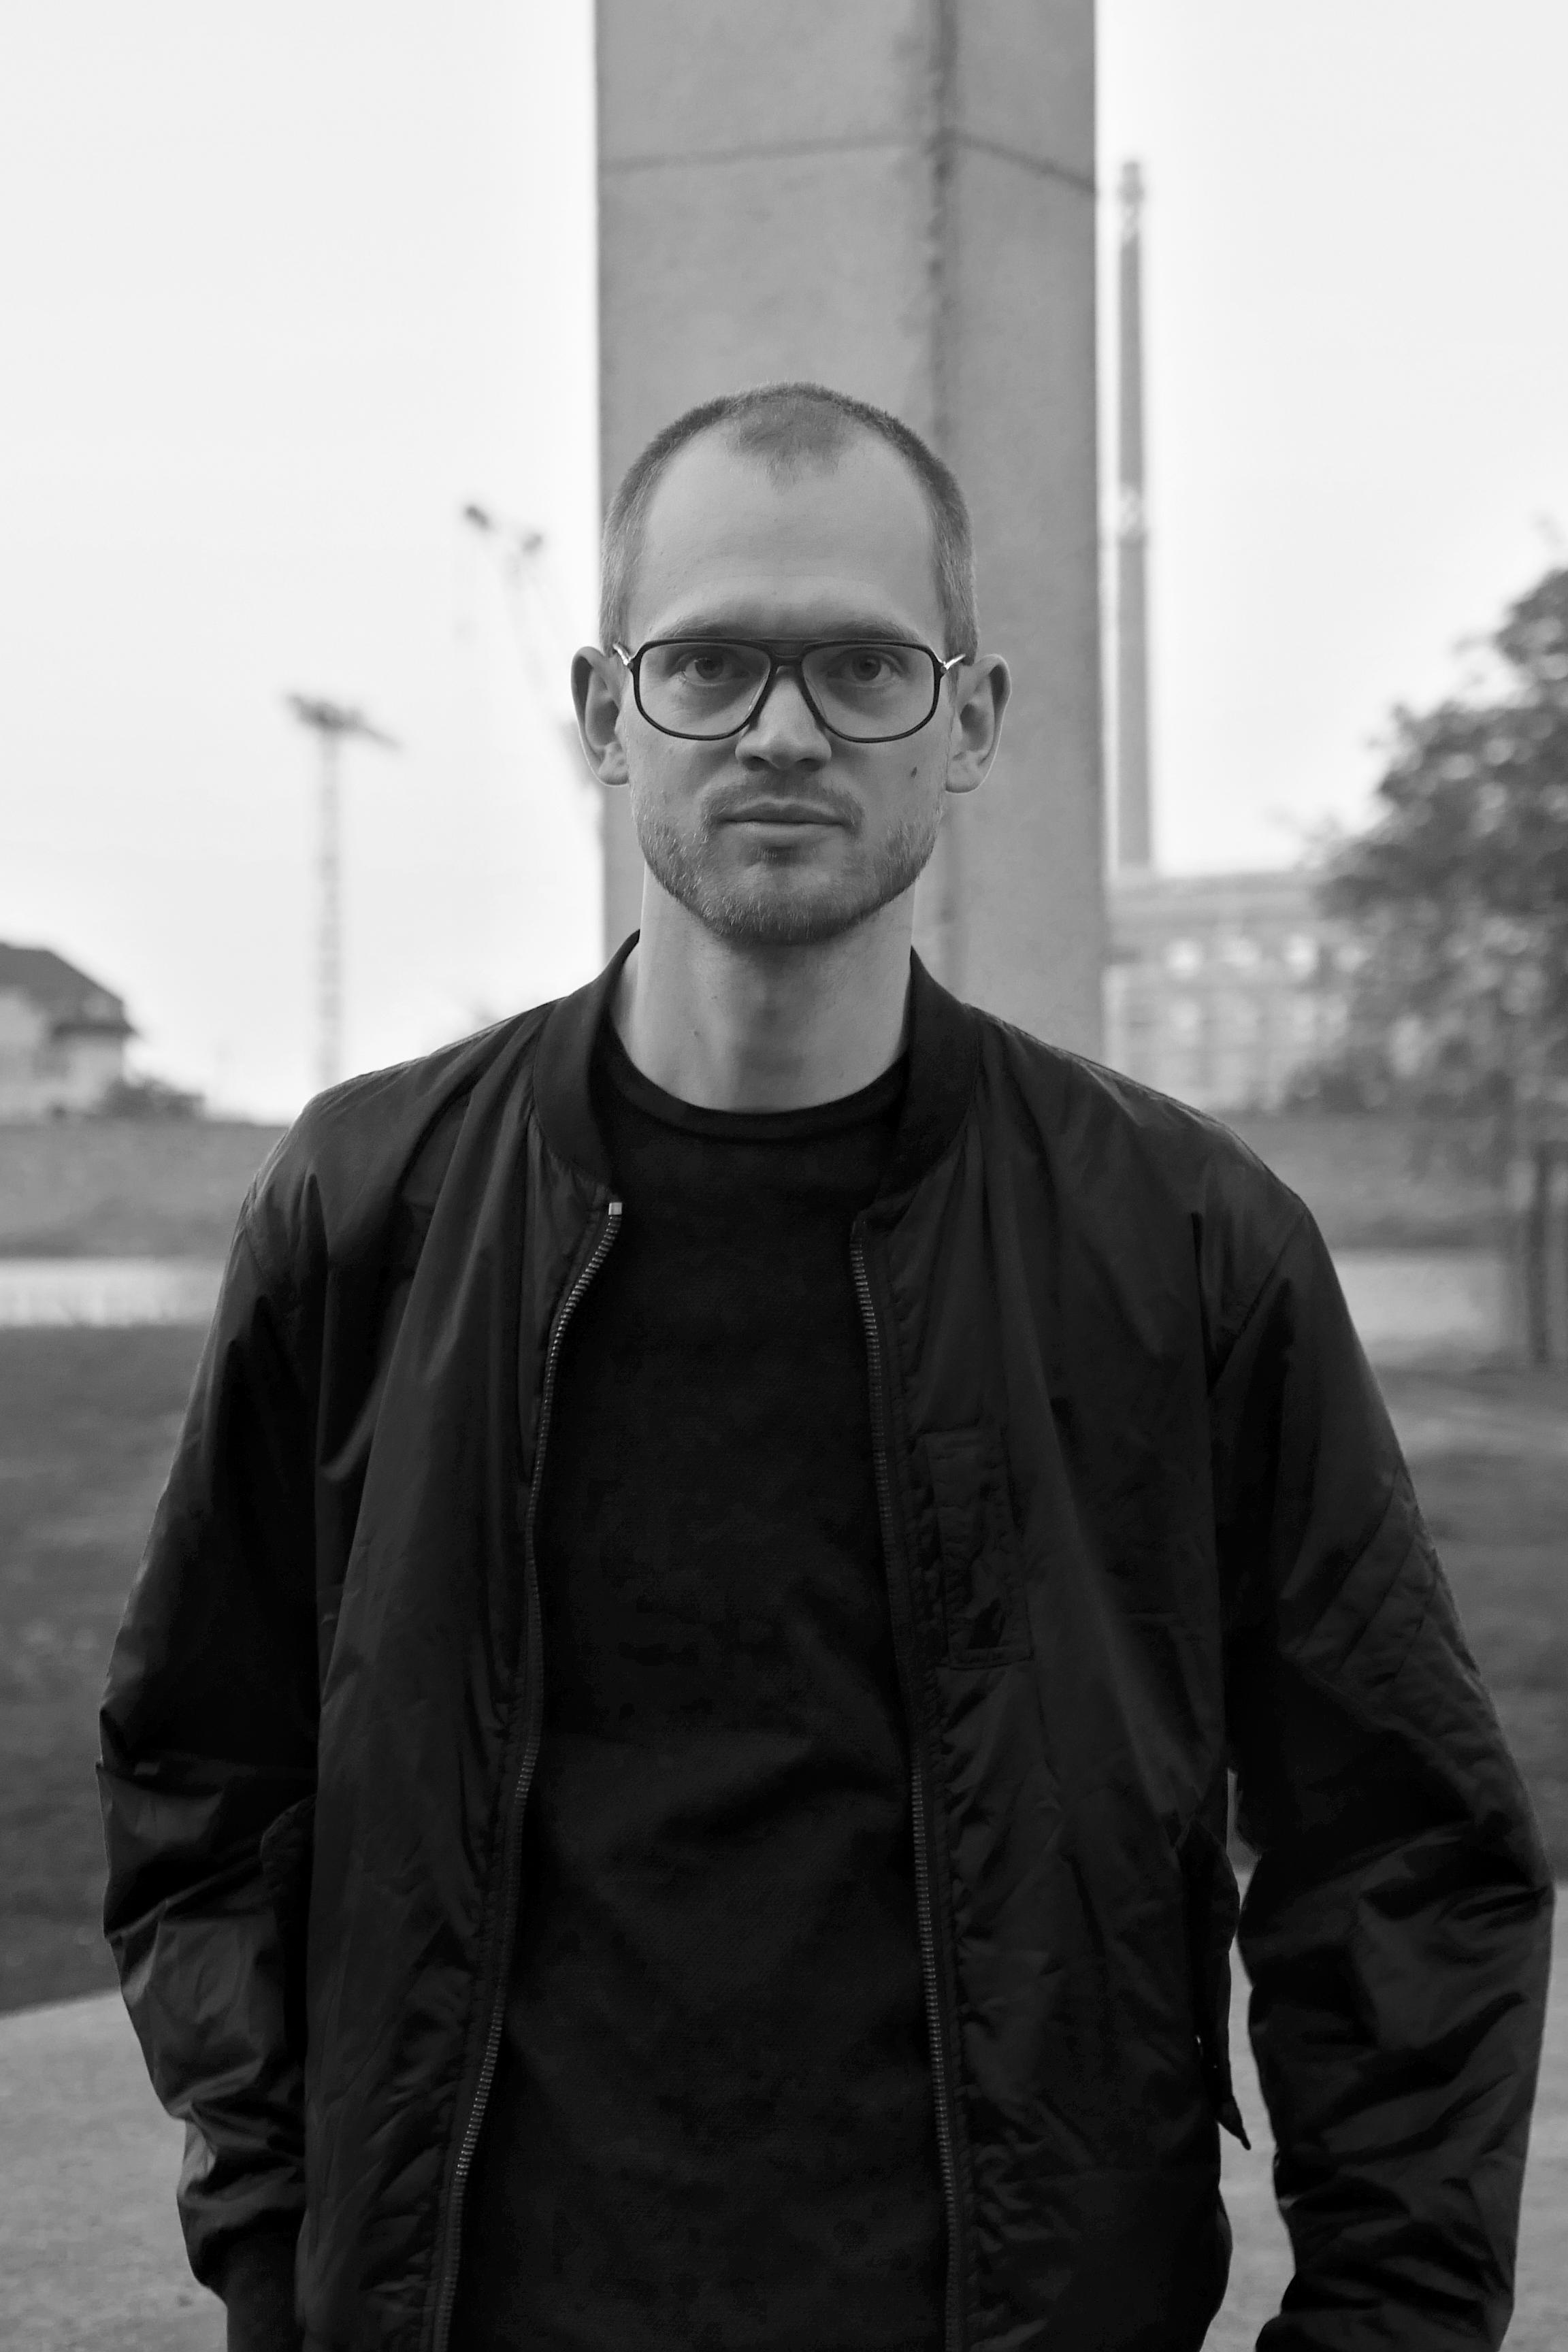 Lukas Grundmann